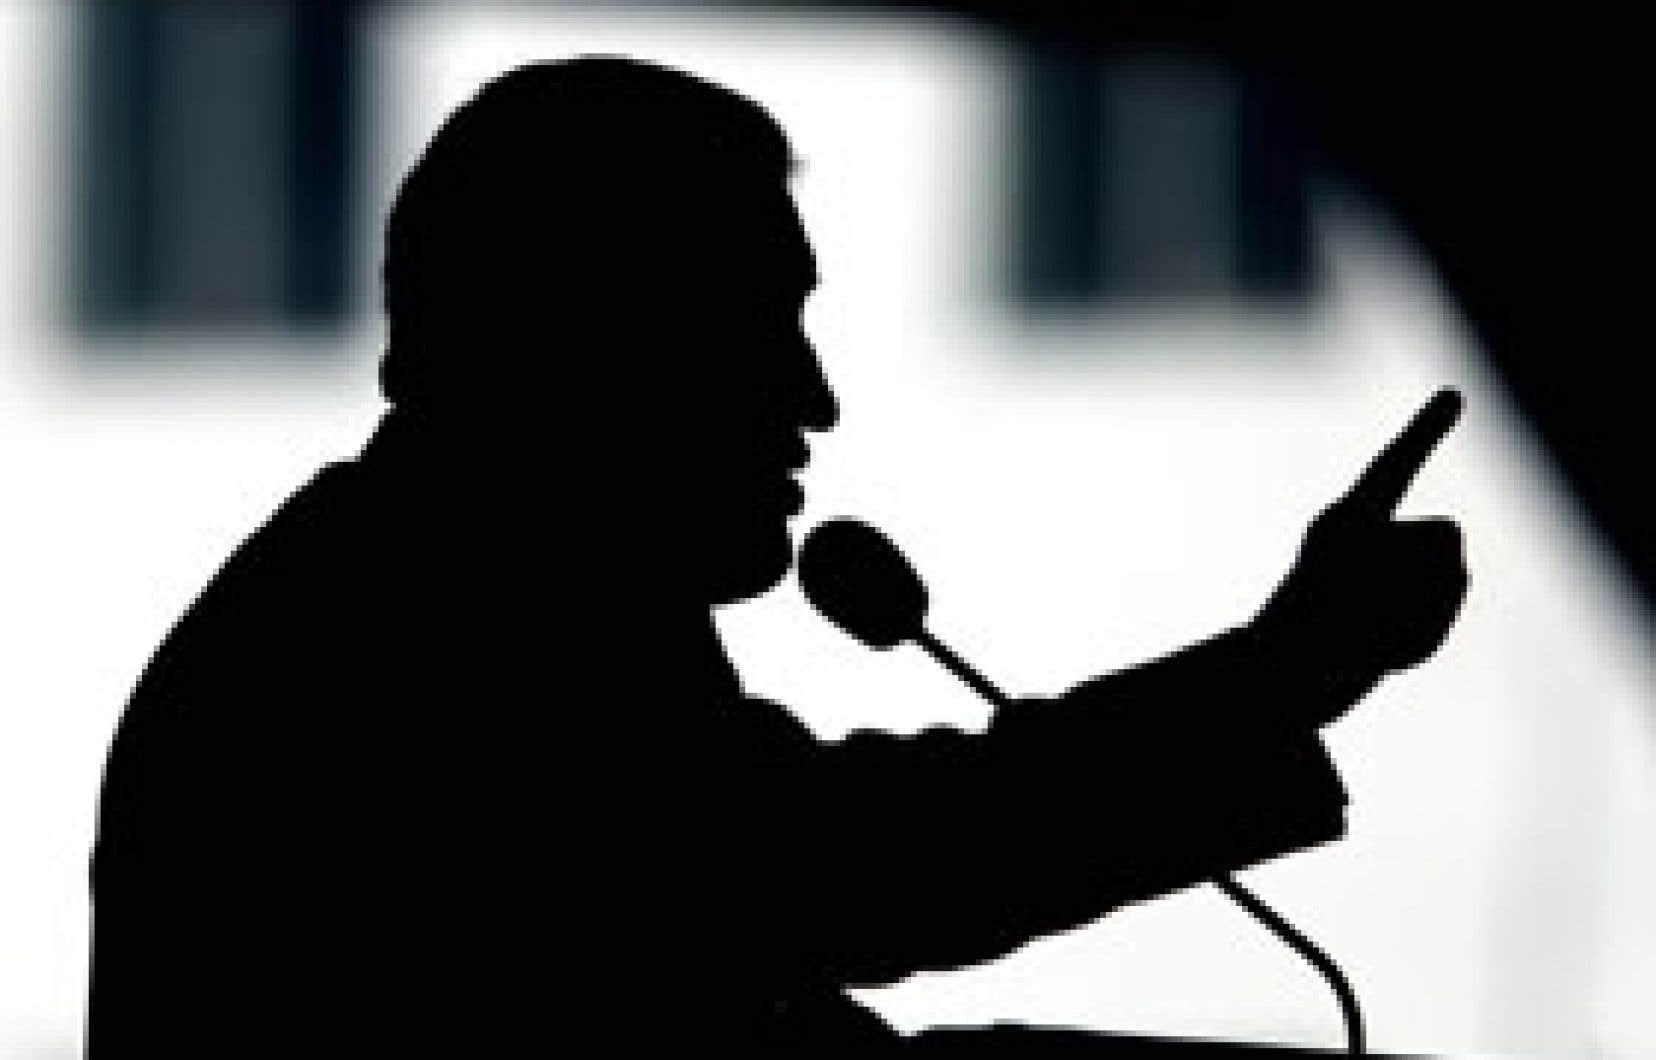 Depuis l'arrivée d'Hugo Chavez au pouvoir, les statistiques officielles et les comptes publics sont dans le brouillard, tandis que les indicateurs de corruption explosent. «Le Venezuela se trouvait parmi les pays les plus corrompus d'Amérique la